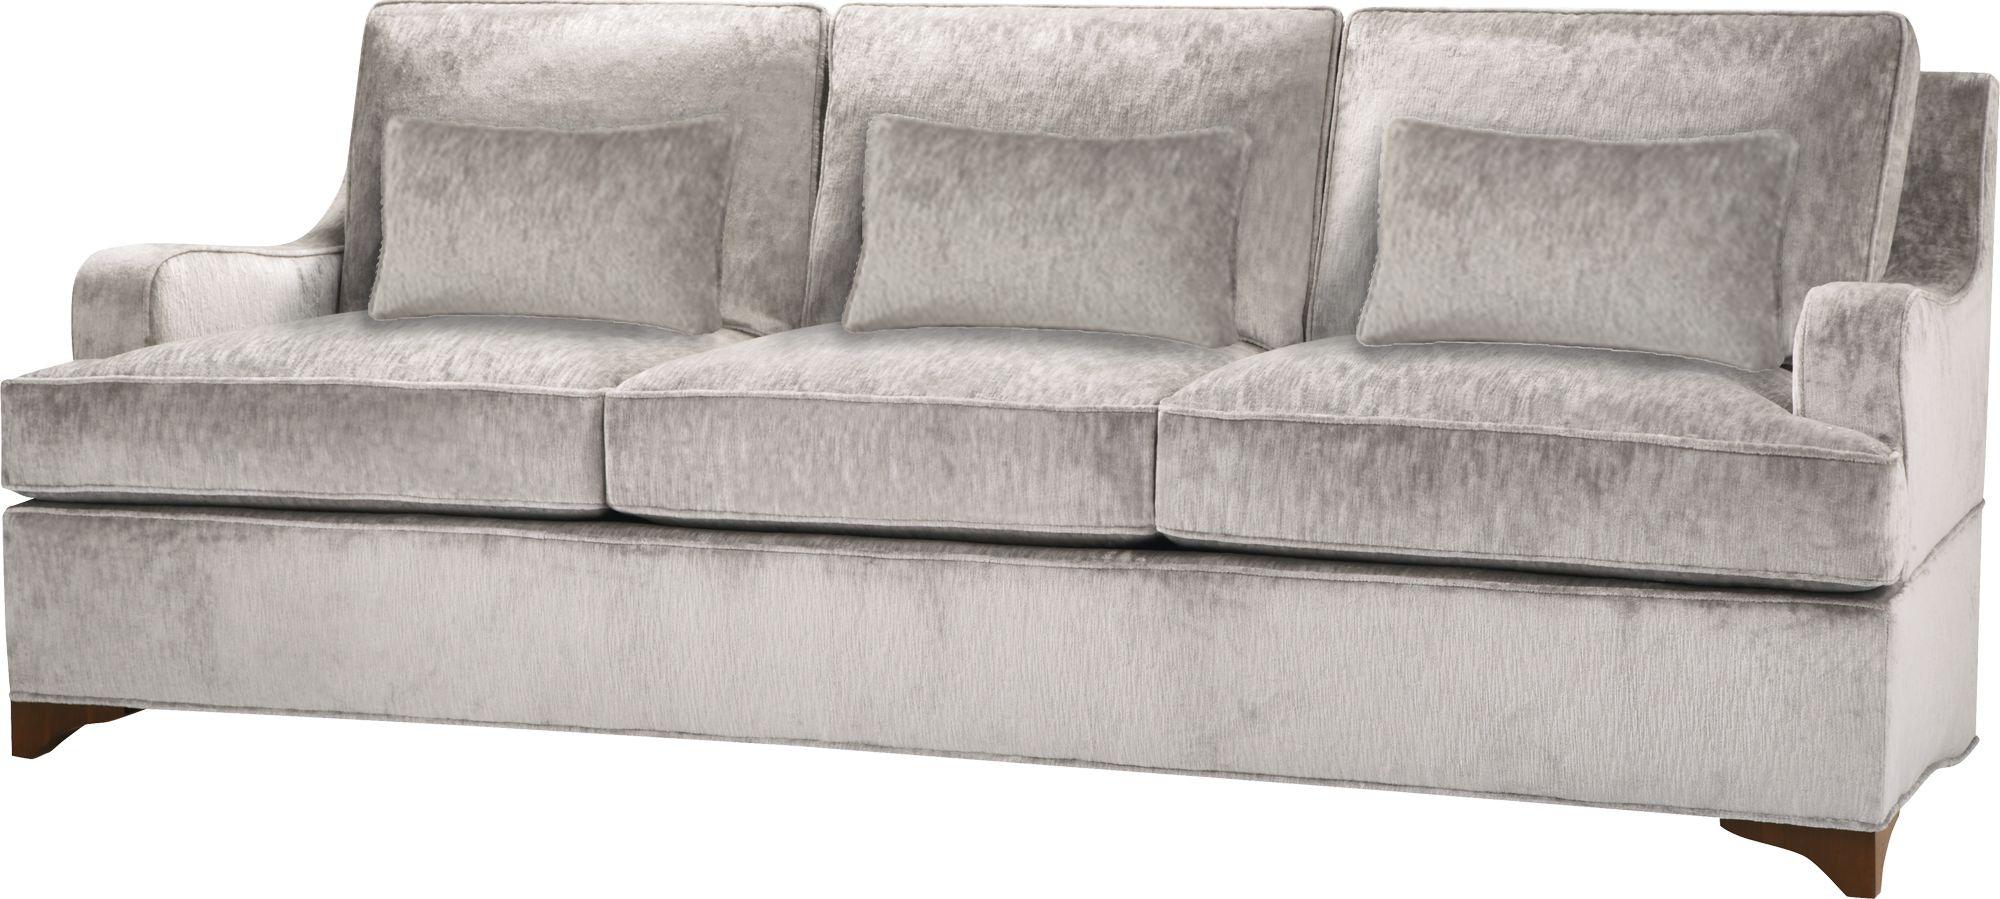 Goodu0027s Home Furnishings